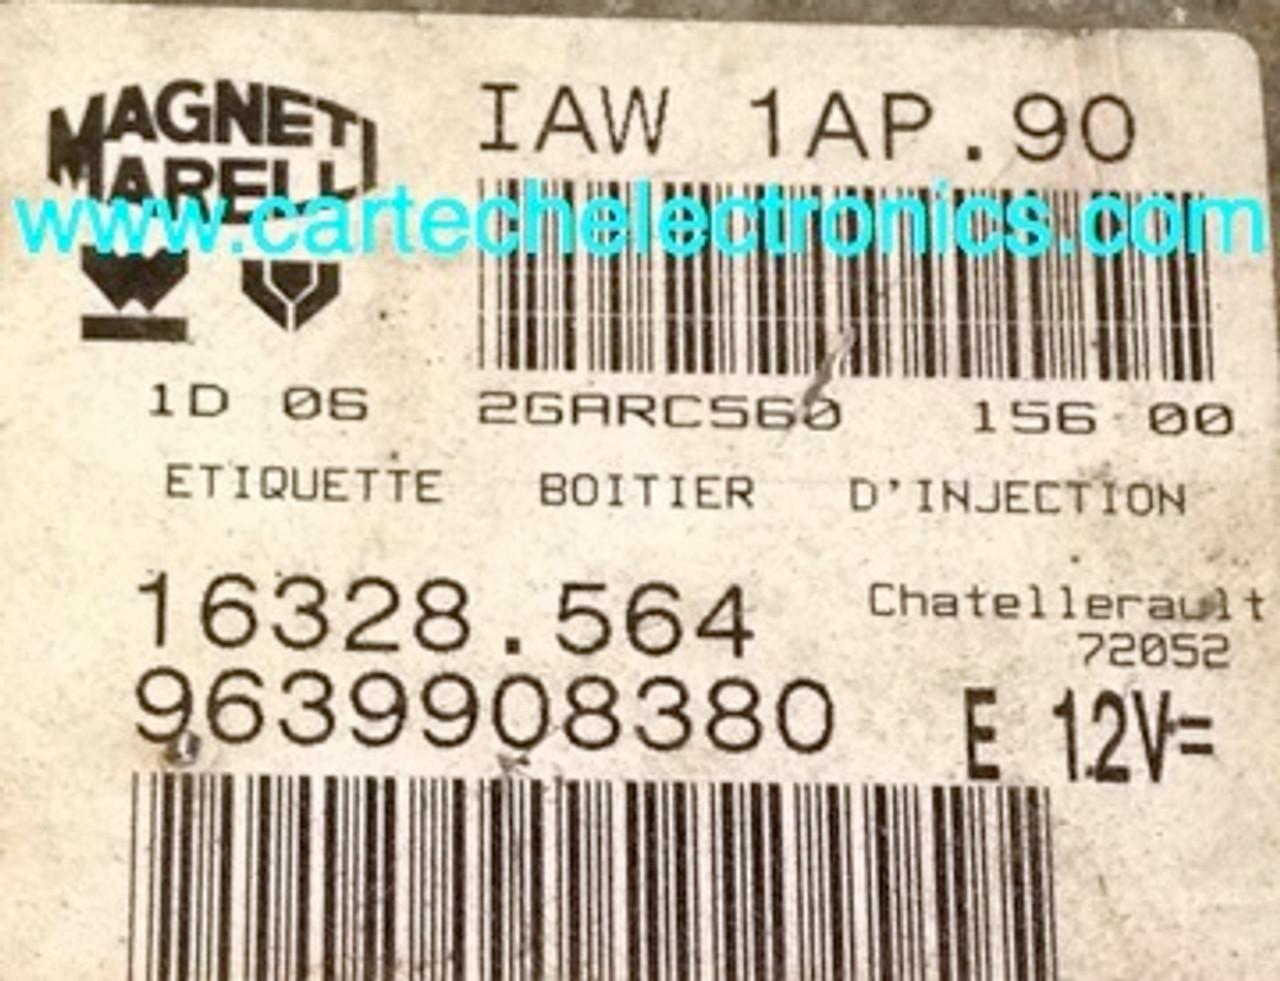 IAW 1AP.80 16328.564 9639908380